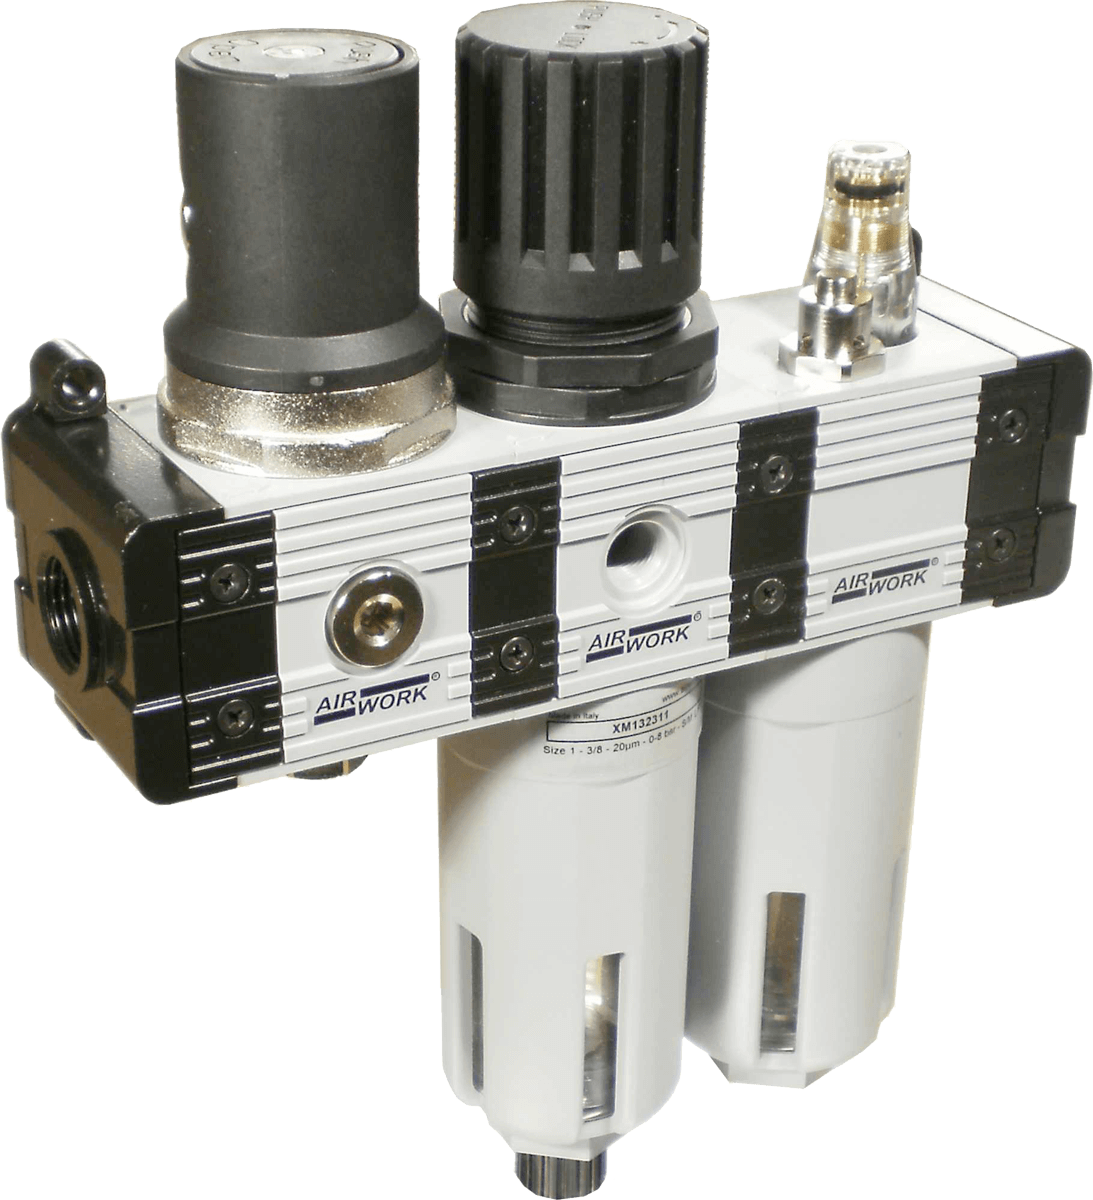 Valve + Filtreregulateur + Lubrificateur (V+FR+L) XM 1-2-3